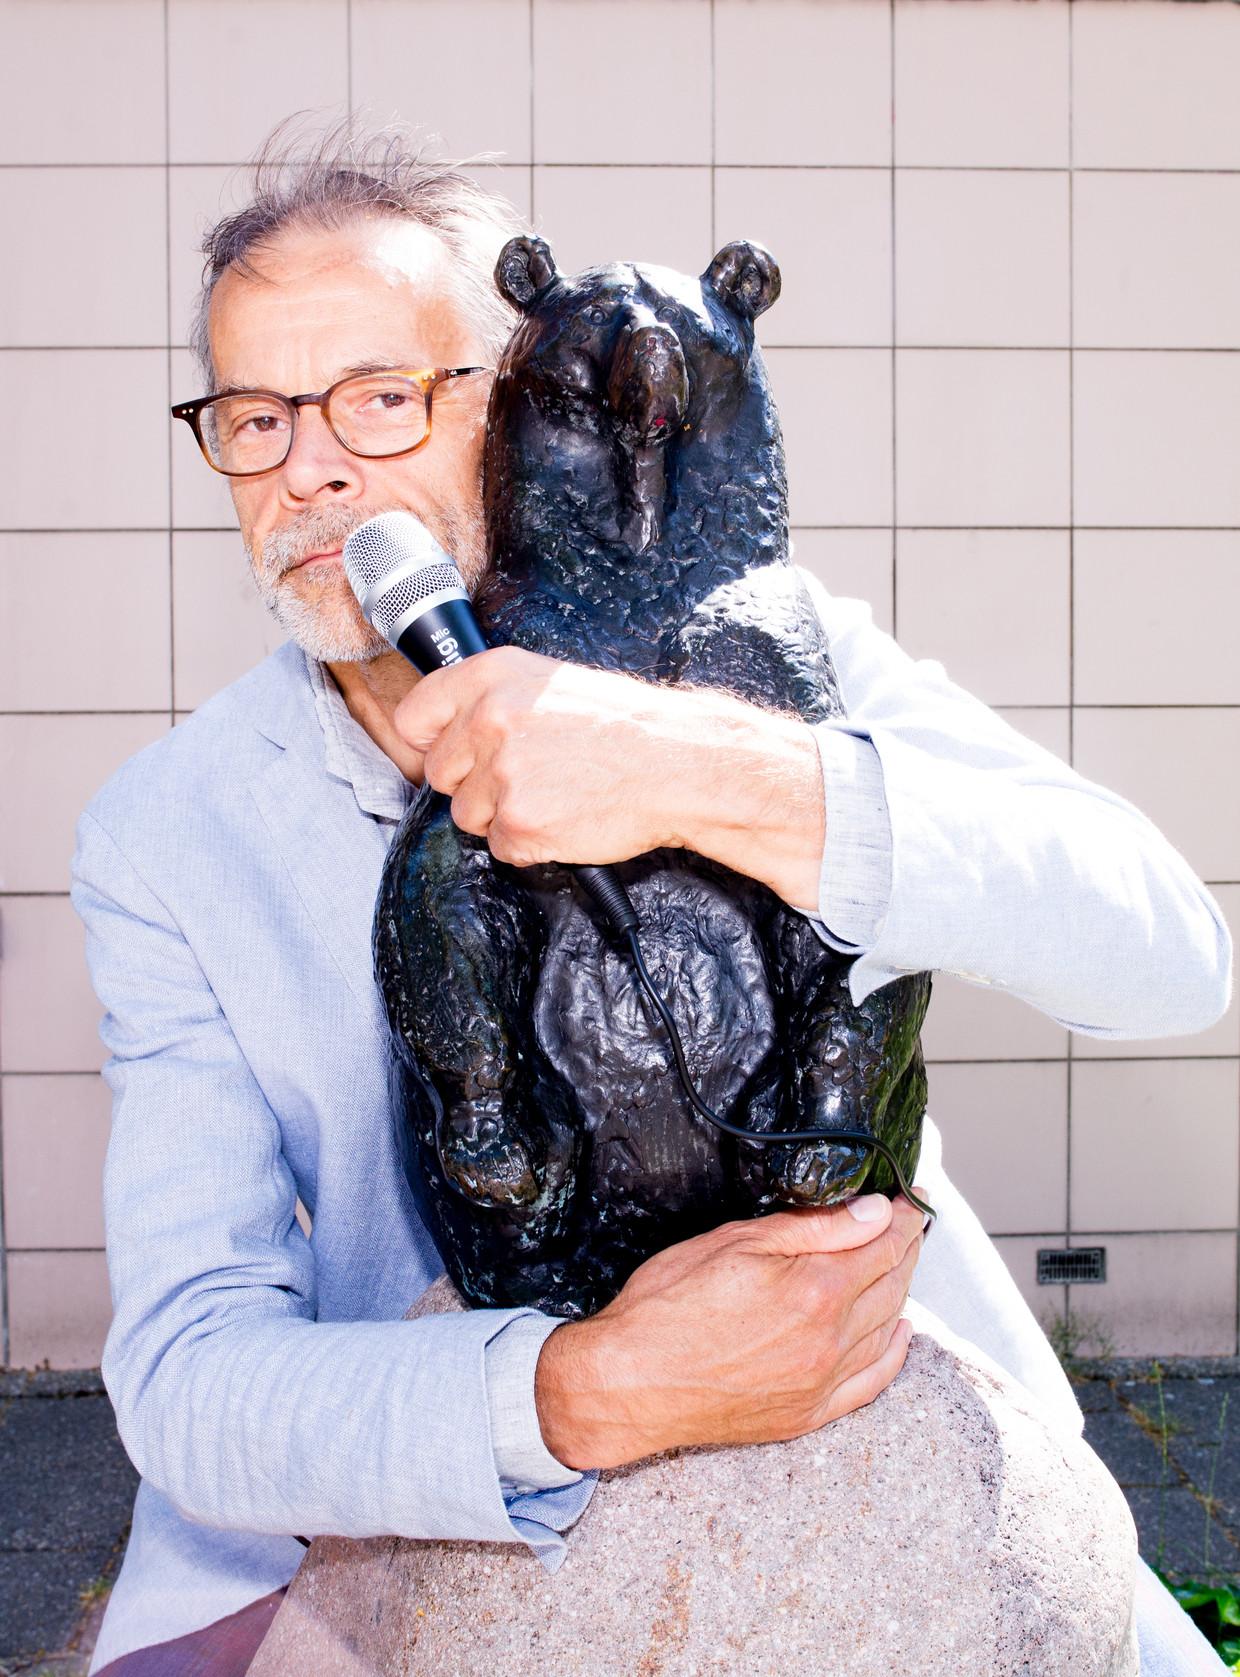 Beeldje van een beer van Arie Teeuwisse, Chris Lebeaustraat, Overtoomse veld. Beeld Marjolein van Damme